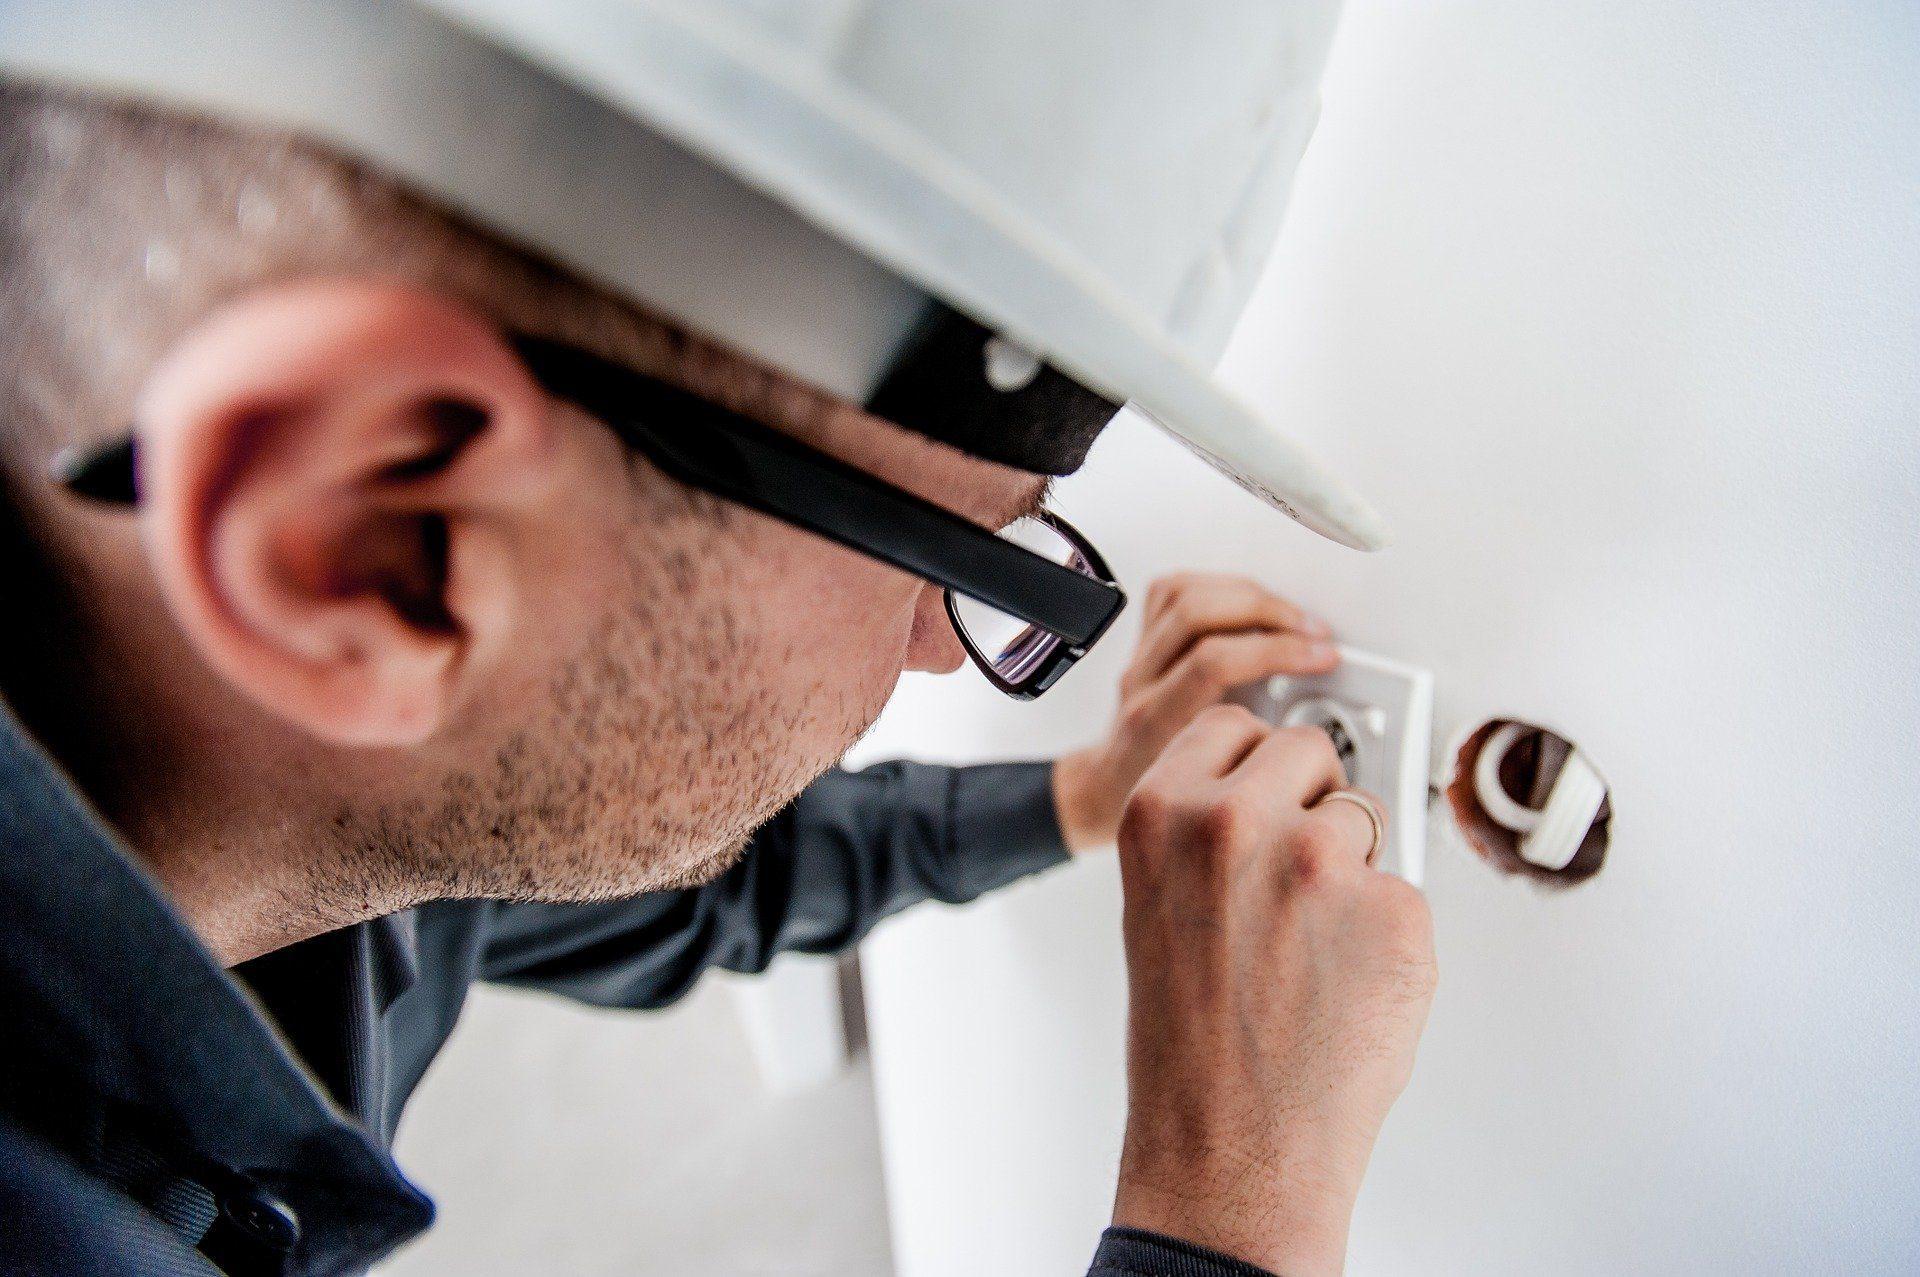 eletricista-trabalhando-eletrojr